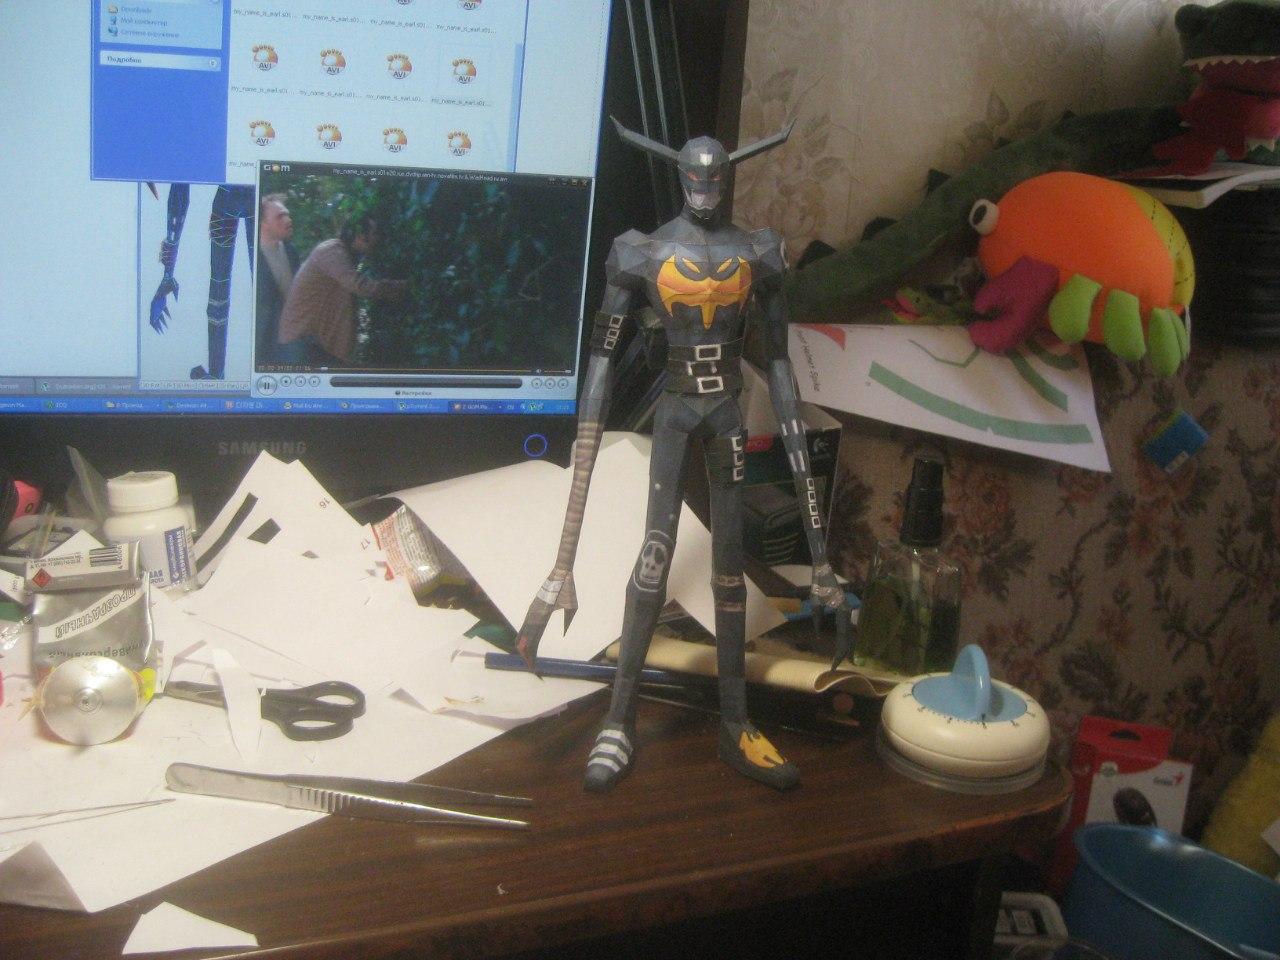 Wingless Devimon papercraft by Zimberdum